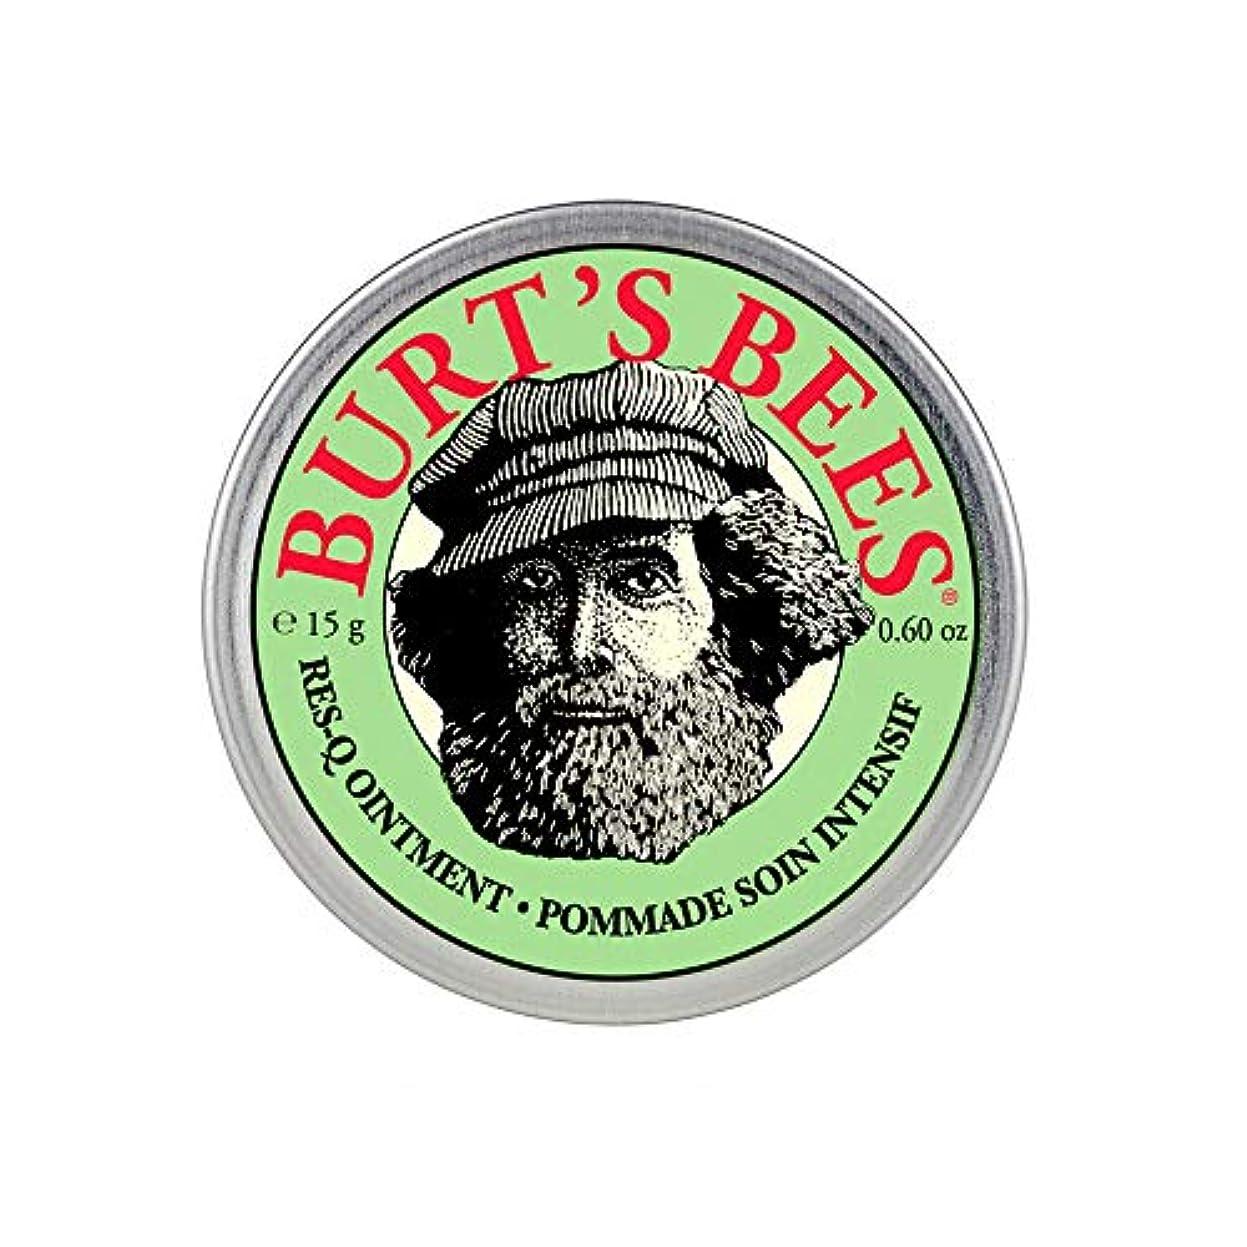 慣れるサンプル導出バーツビーズ(Burt's Bees) レスキュー オイントメント 15g [100%ナチュラル、軟膏] [海外直送][並行輸入品]